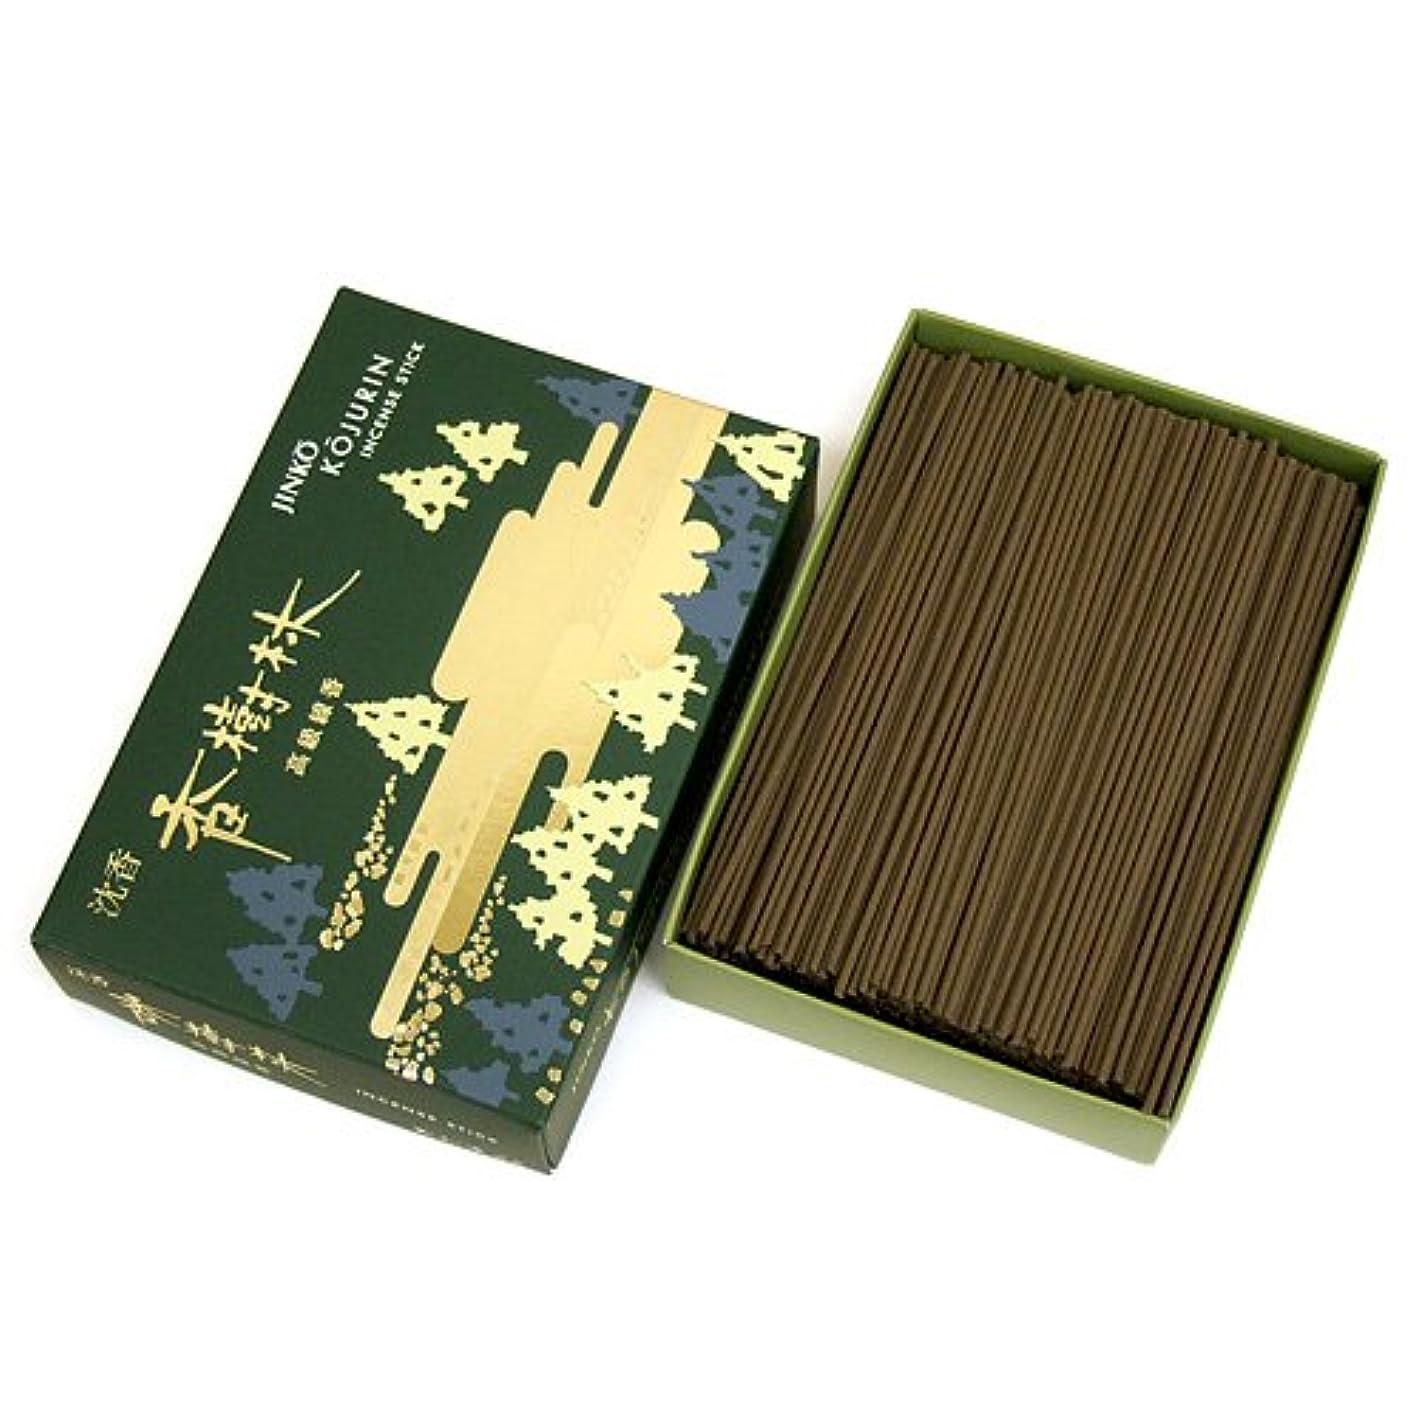 家庭用線香 沈香 香樹林 短寸 徳用大型箱(箱寸法15×10.5×3.5cm)◆爽やかな沈香の香りのお線香(玉初堂)